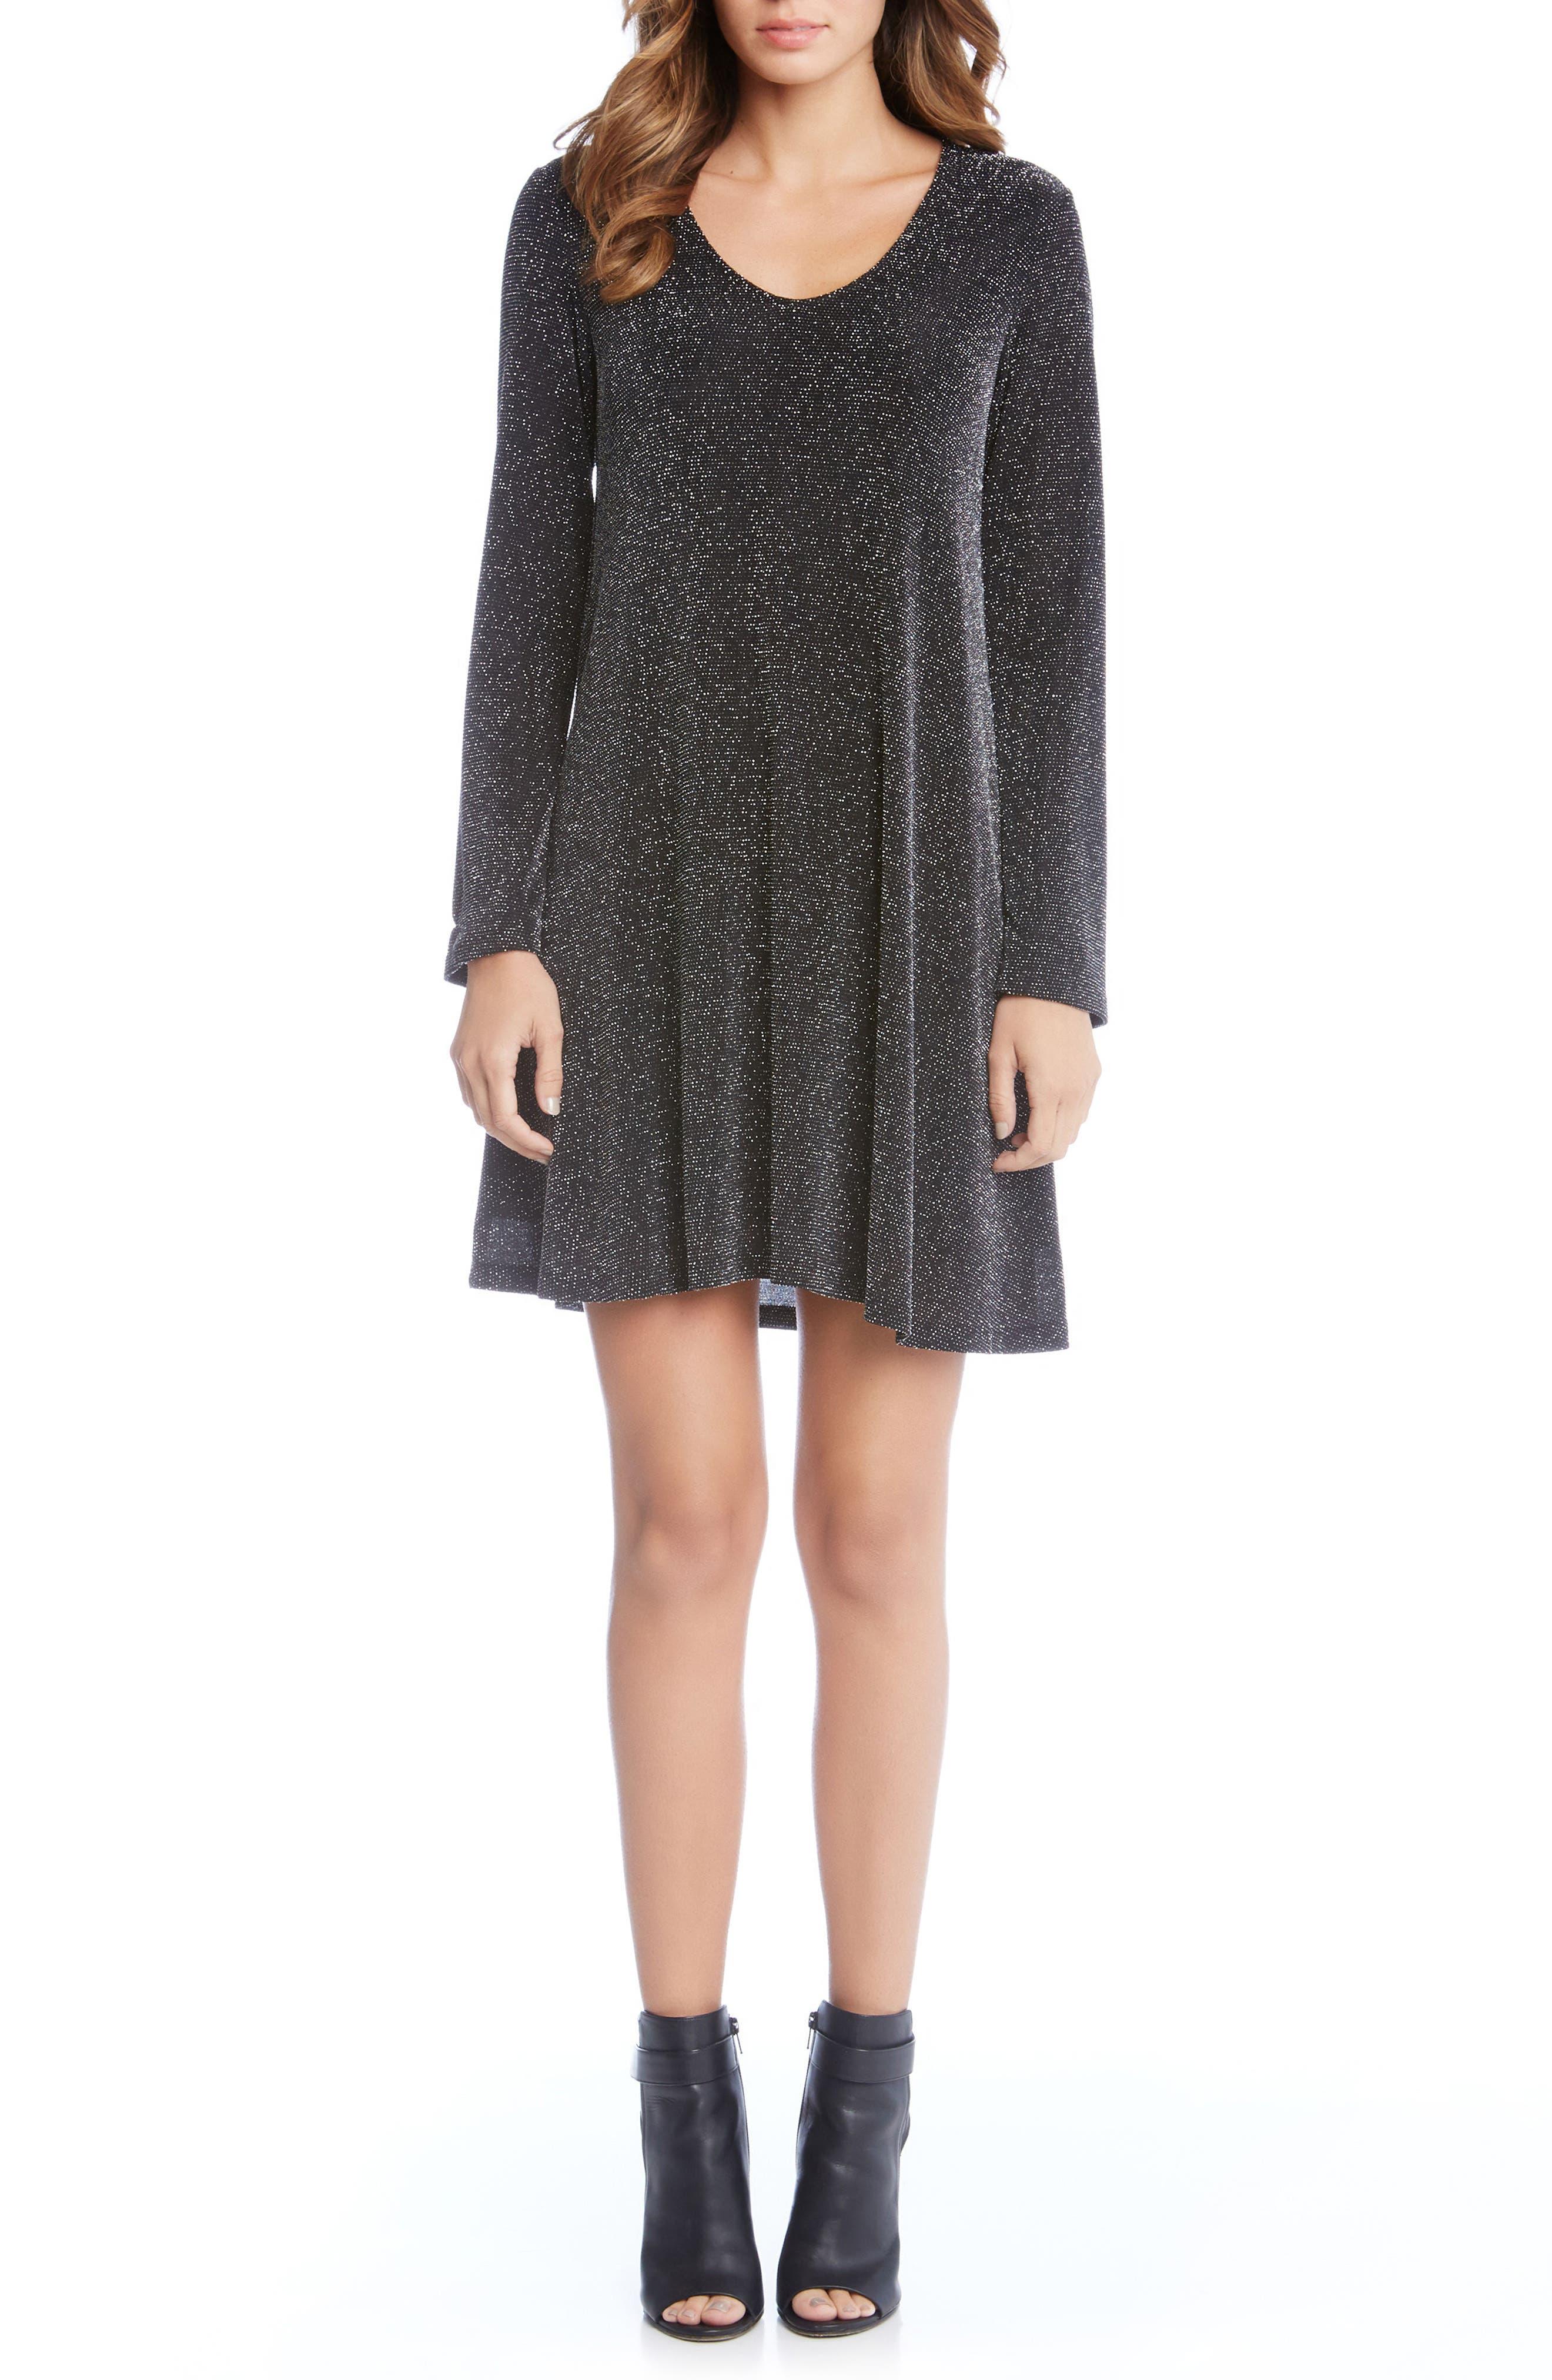 Sparkle Knit Shift Dress,                         Main,                         color, Black/ Silver